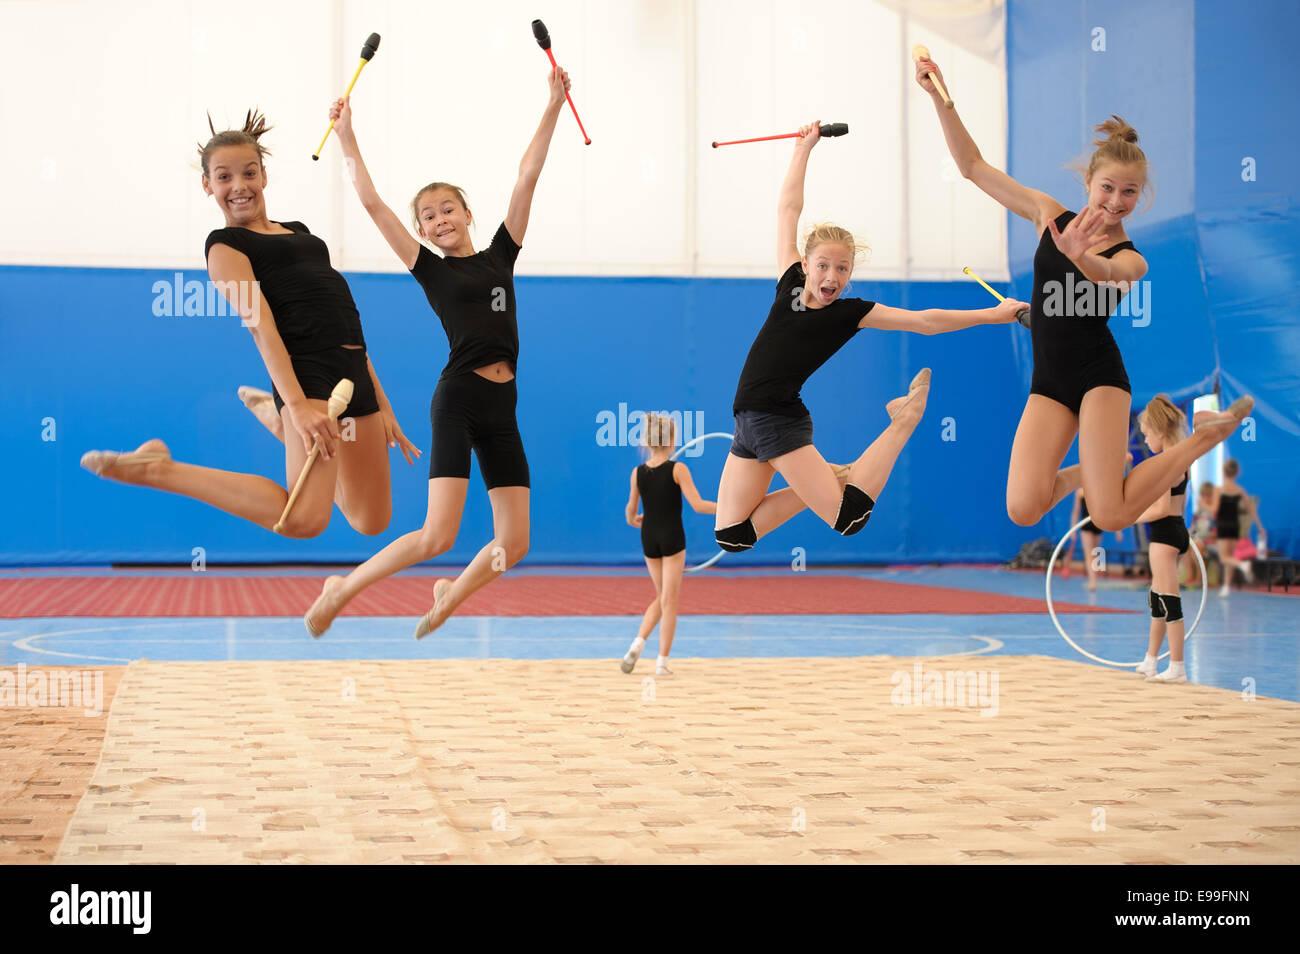 Les filles avec des clubs indiens au cours de saut en hauteur Photo Stock